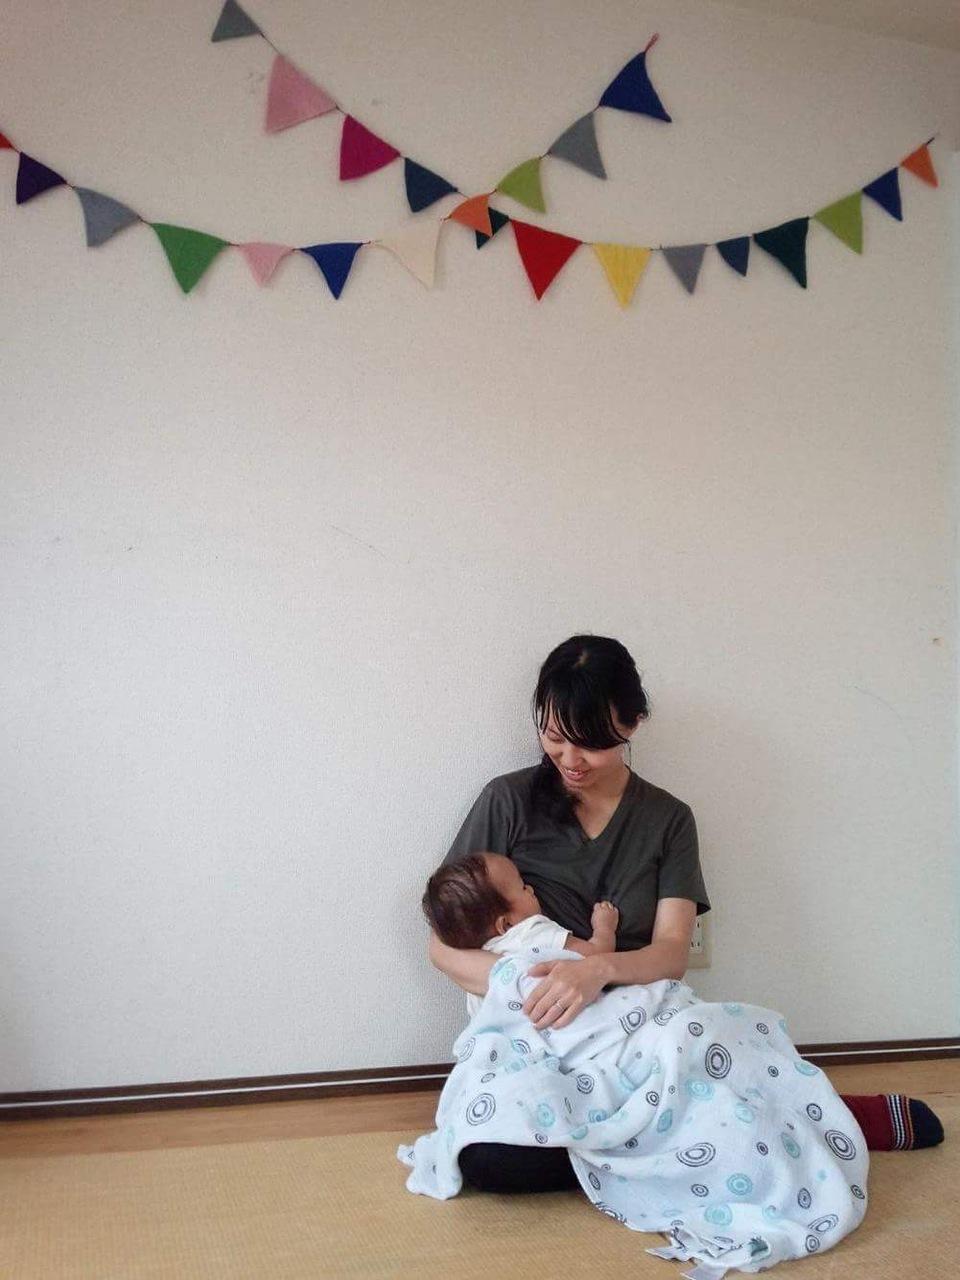 棒田さんの子育て講座「復職するママへのお話会」~親子の絆をどう育む?~